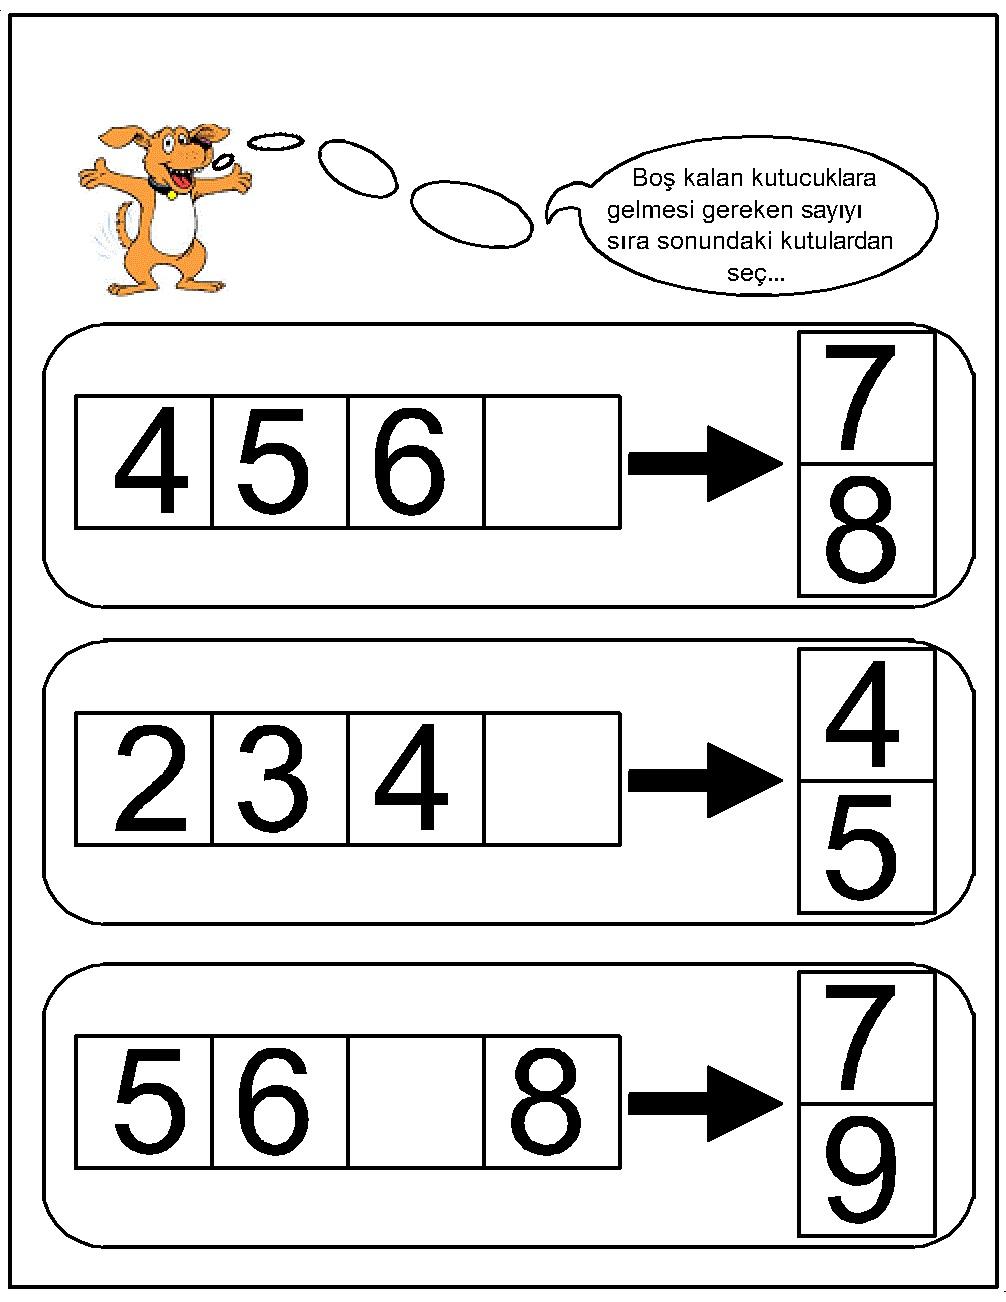 worksheet Missing Number Worksheets For Kindergarten missing number worksheet for kids1 10 crafts and worksheets kids 32